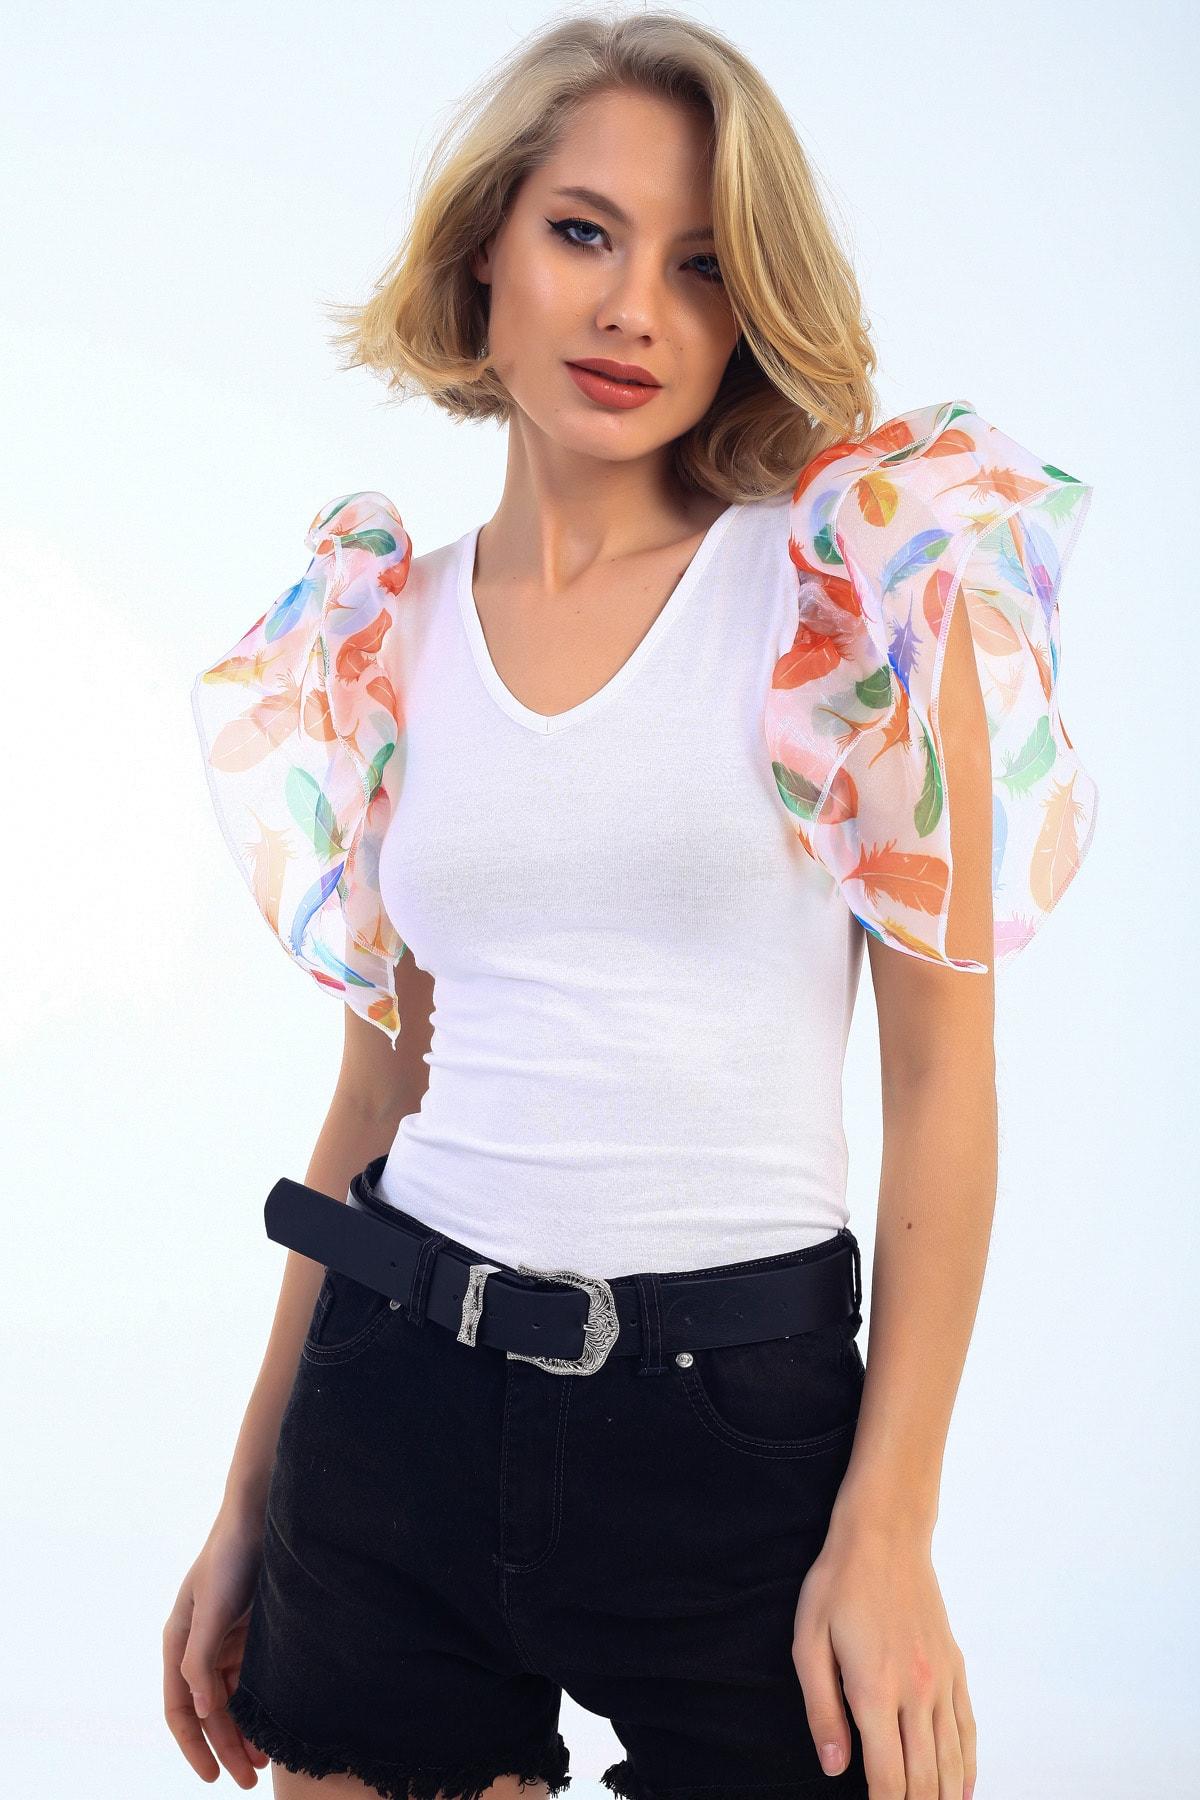 EMJEY Kadın Beyaz Yaprak Desen Organze Kısa Kol Bluz She020B010319 1